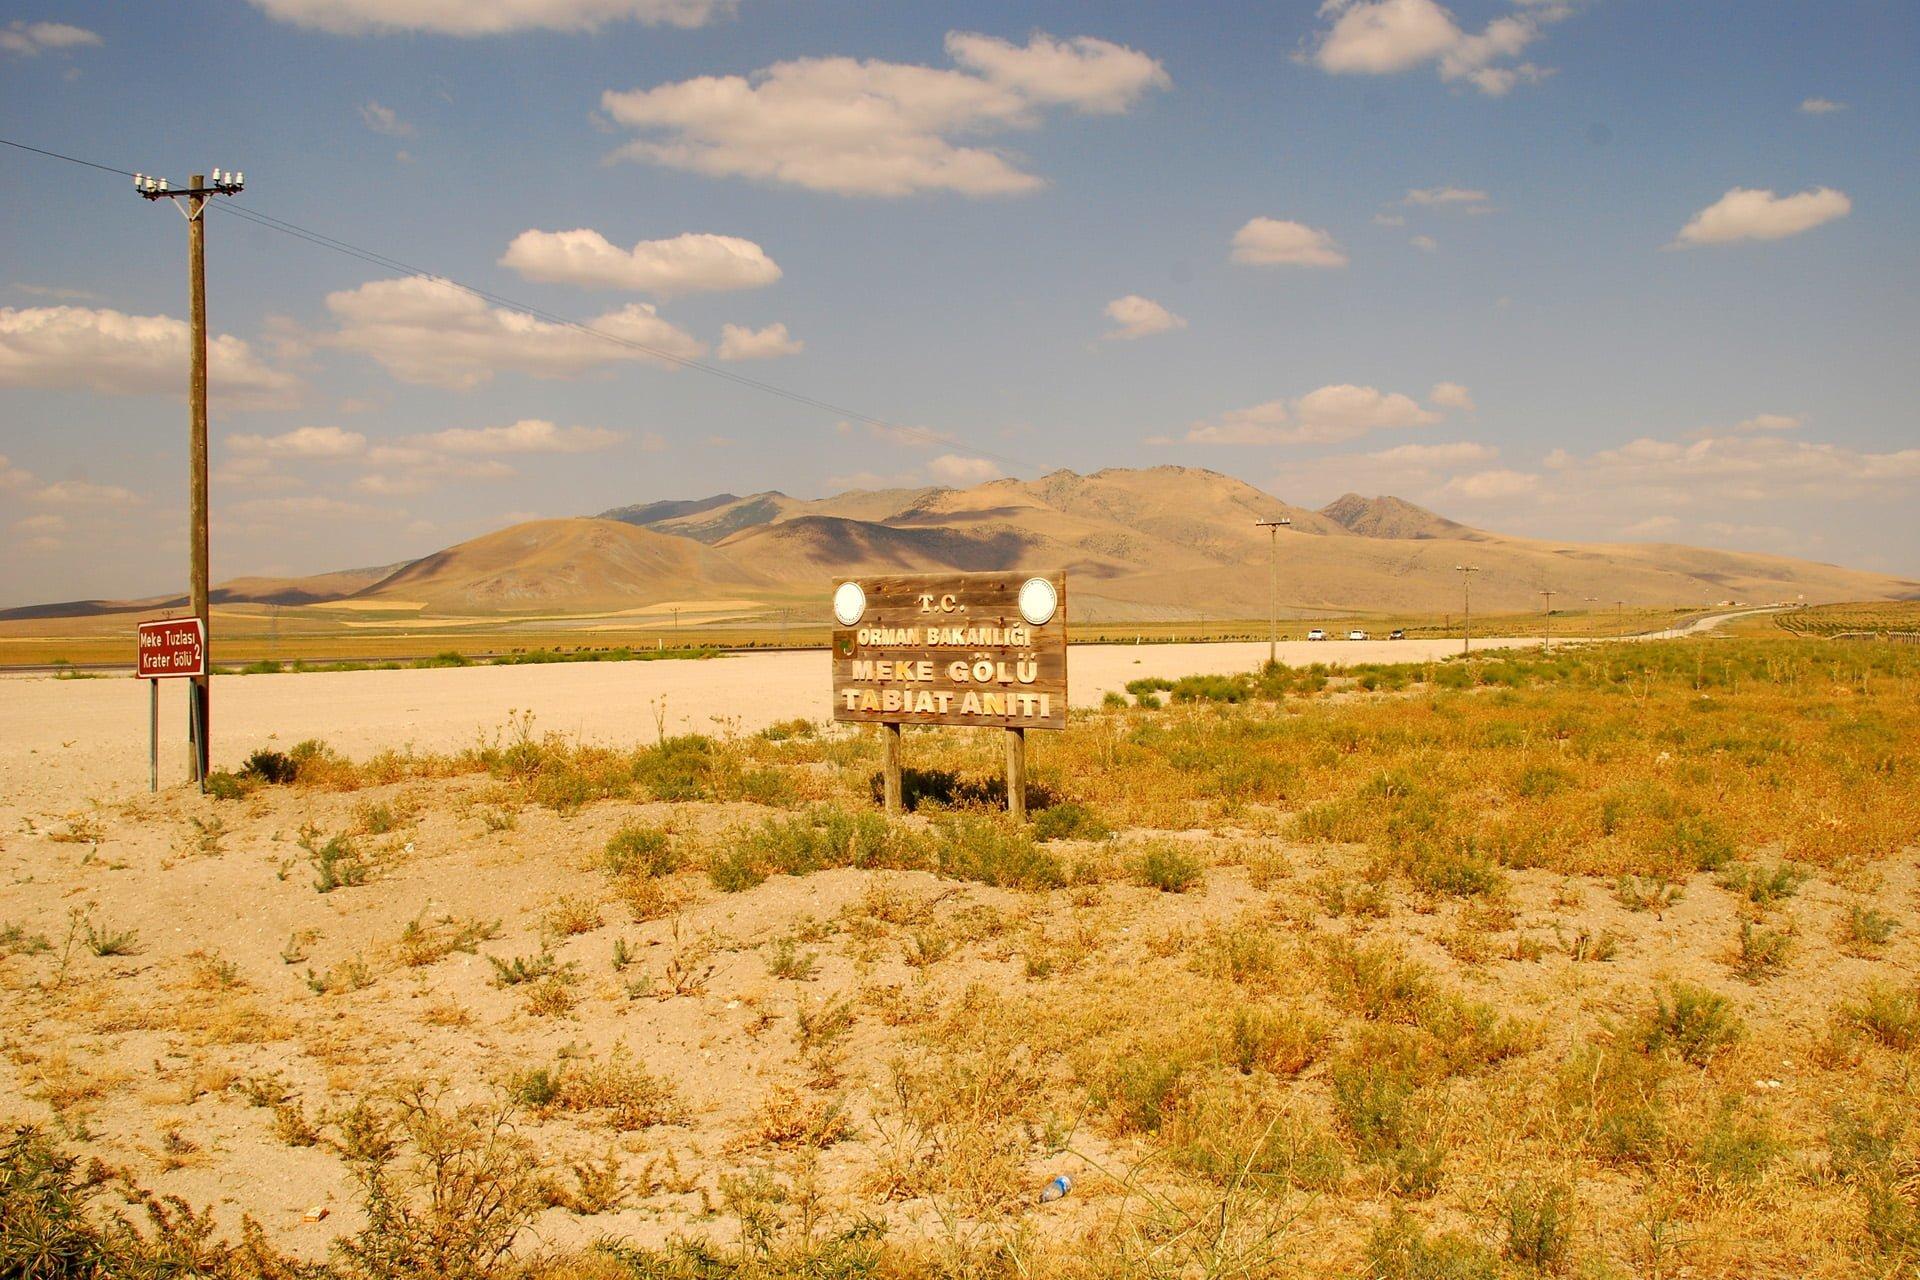 meke krater gölü yolu